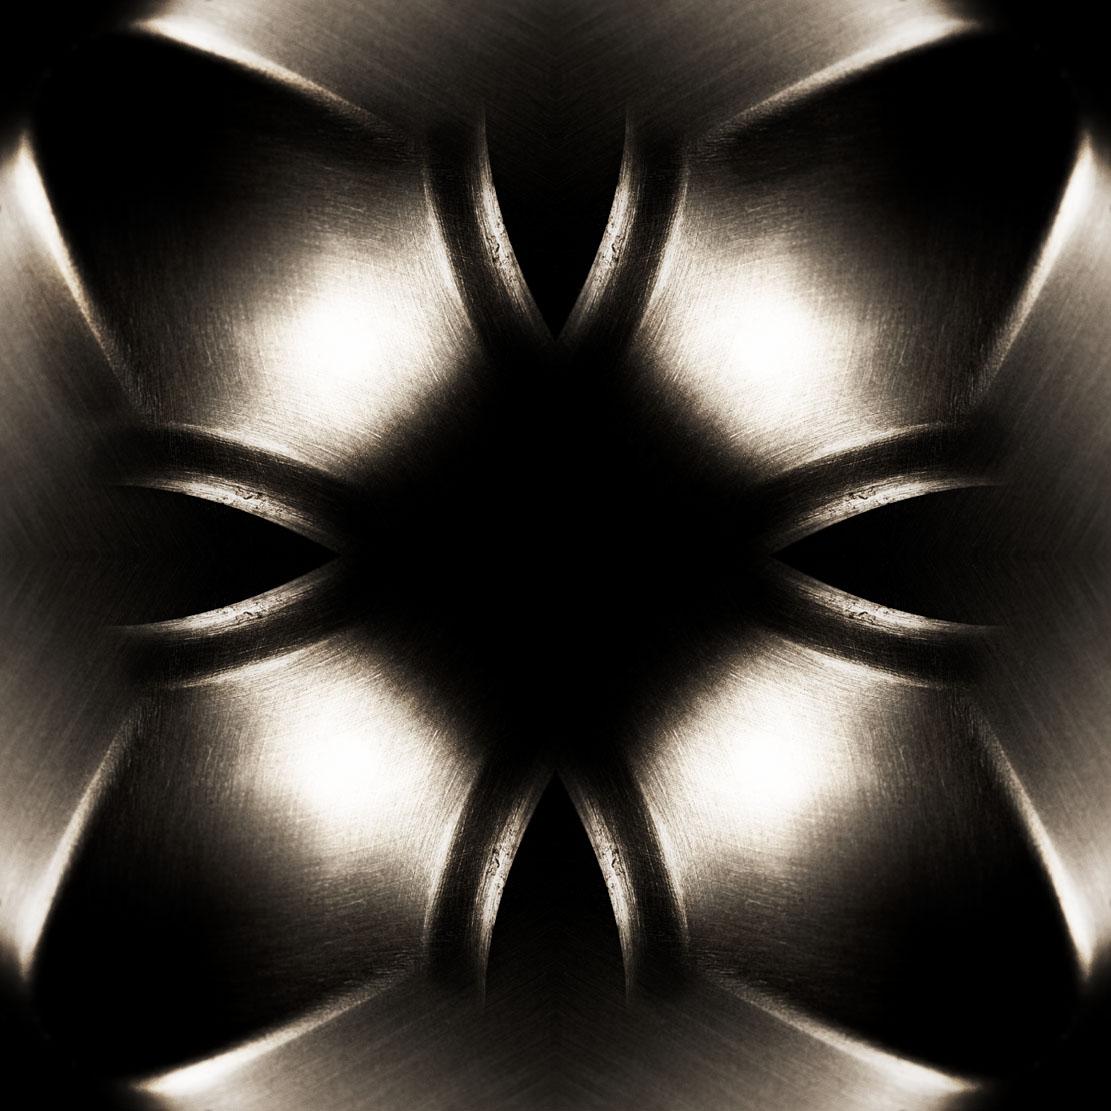 steel_pillows.jpg